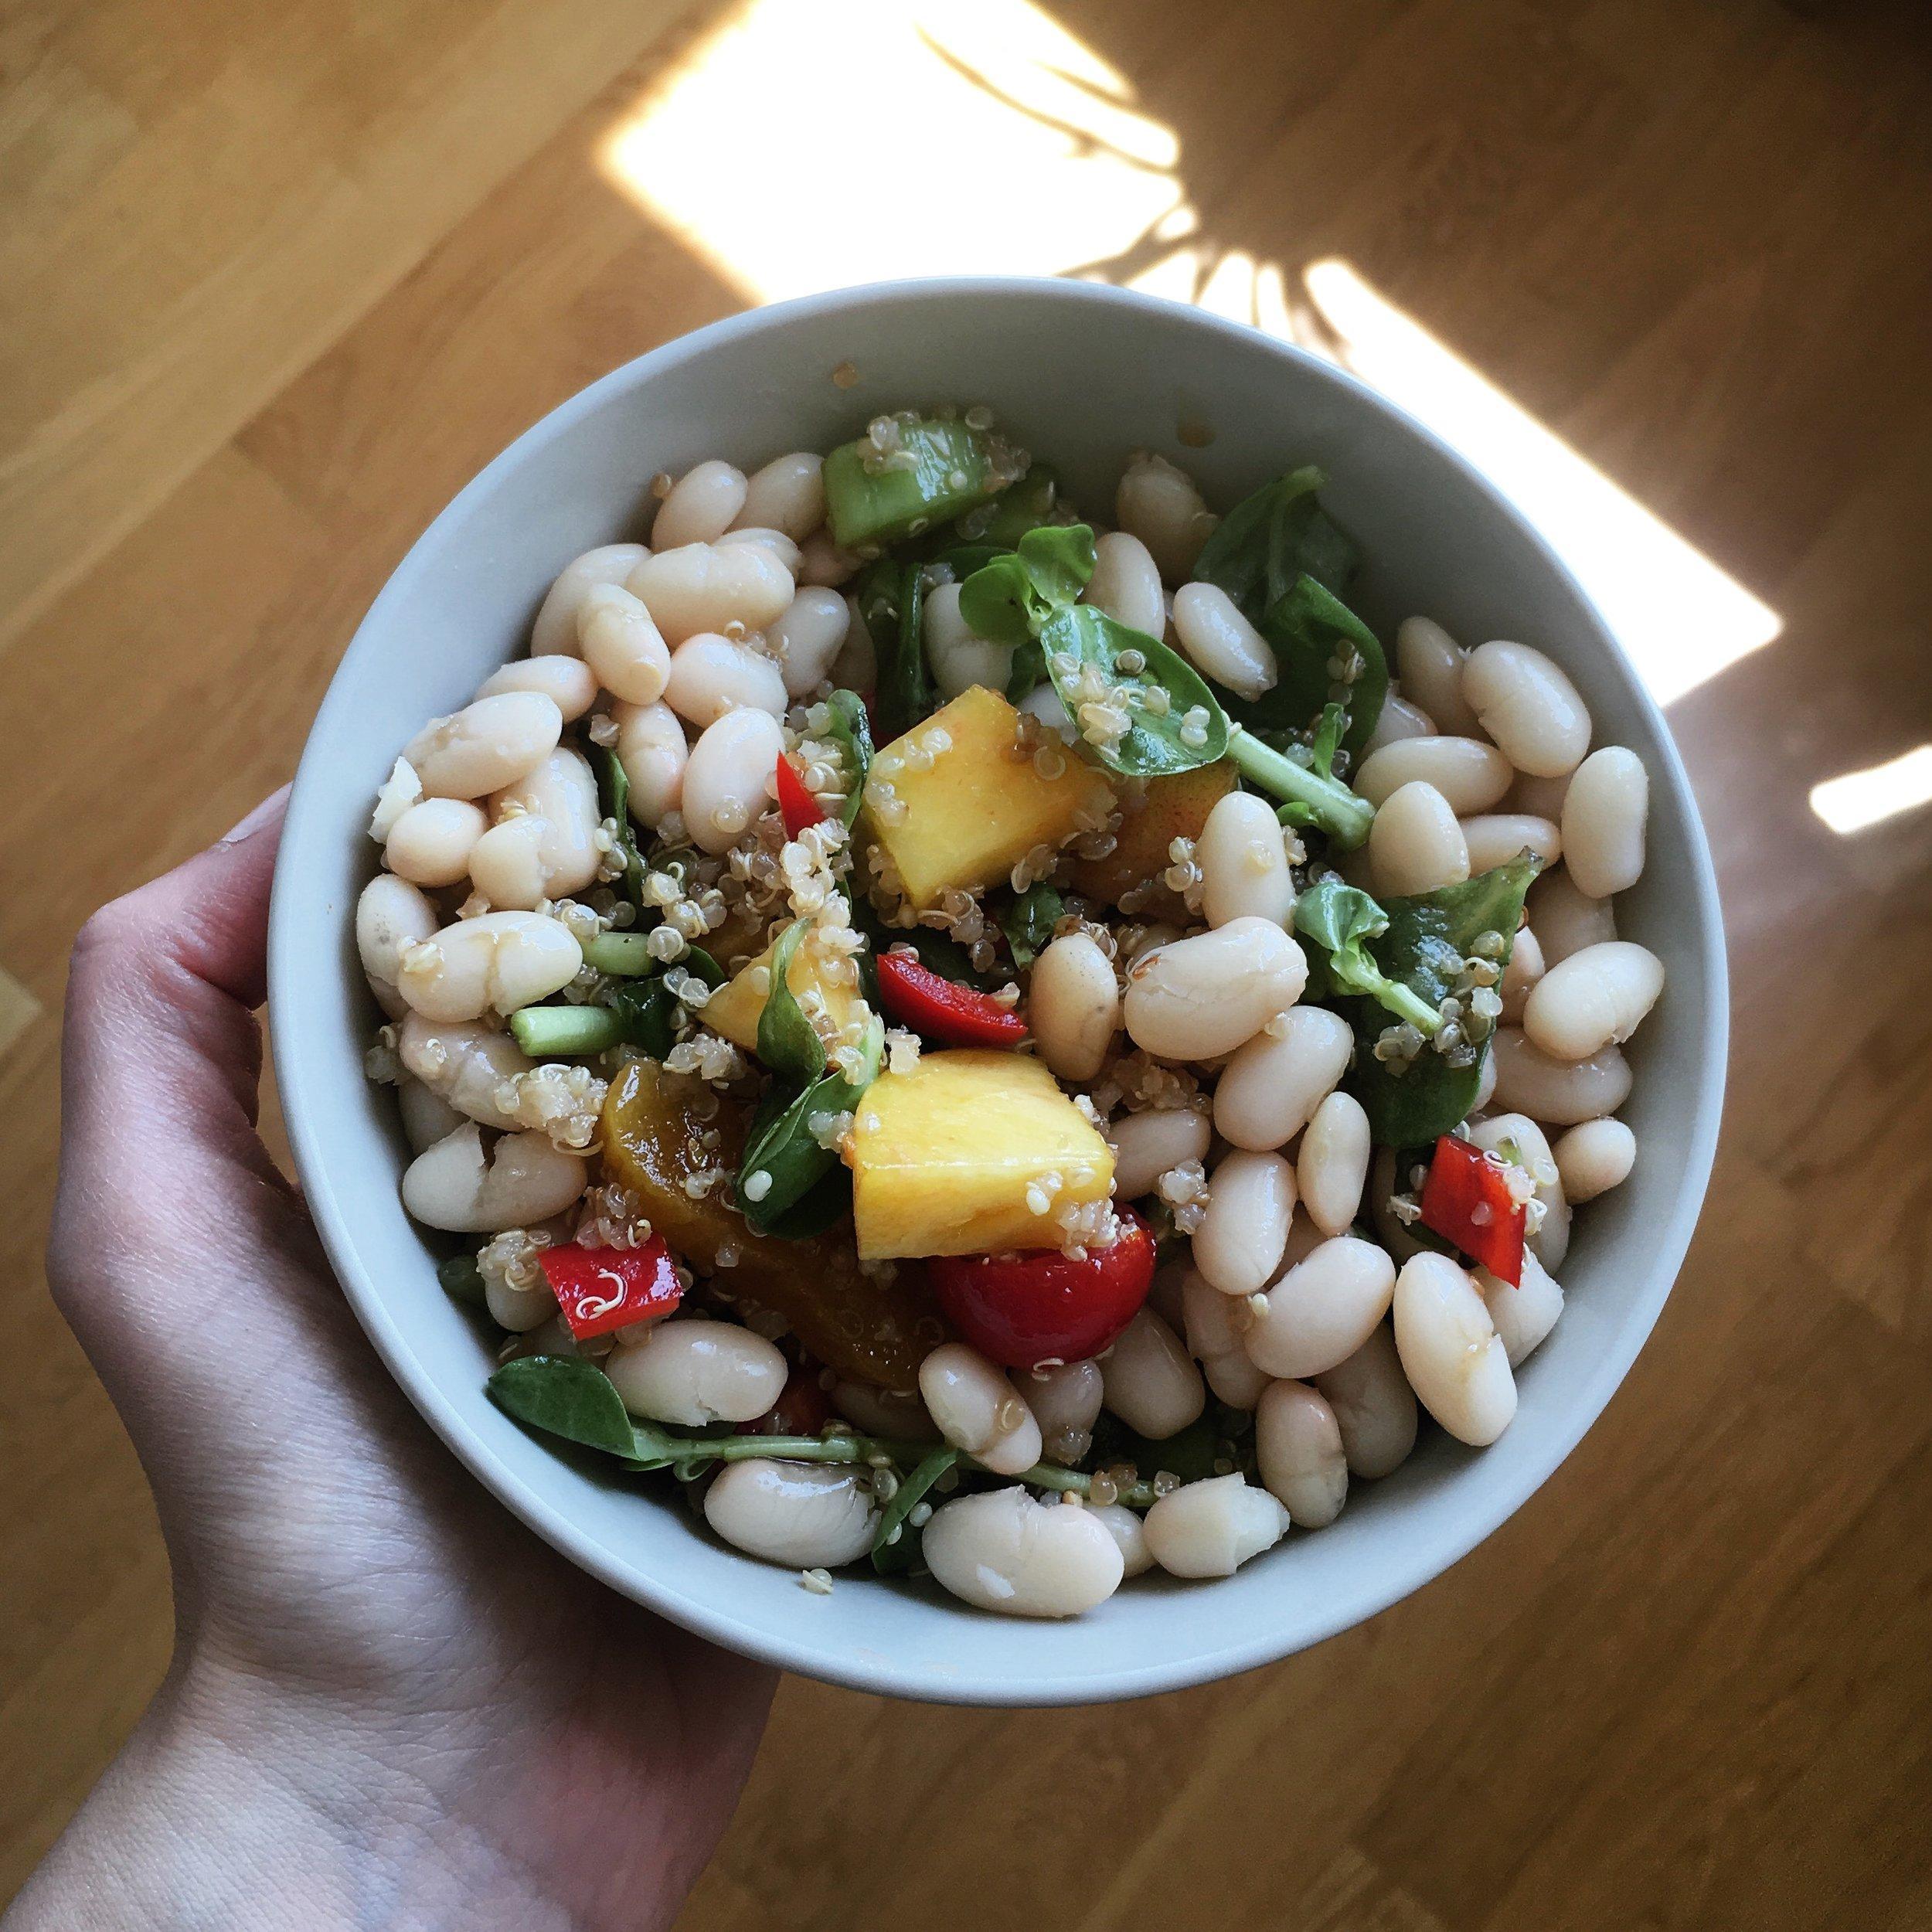 Tok tutan vejetaryen protein; konserve veya haşlanmış fasulye, kinoa, semizotu, çeri domates, şeftali. Limon ve zeytinyağı ile.